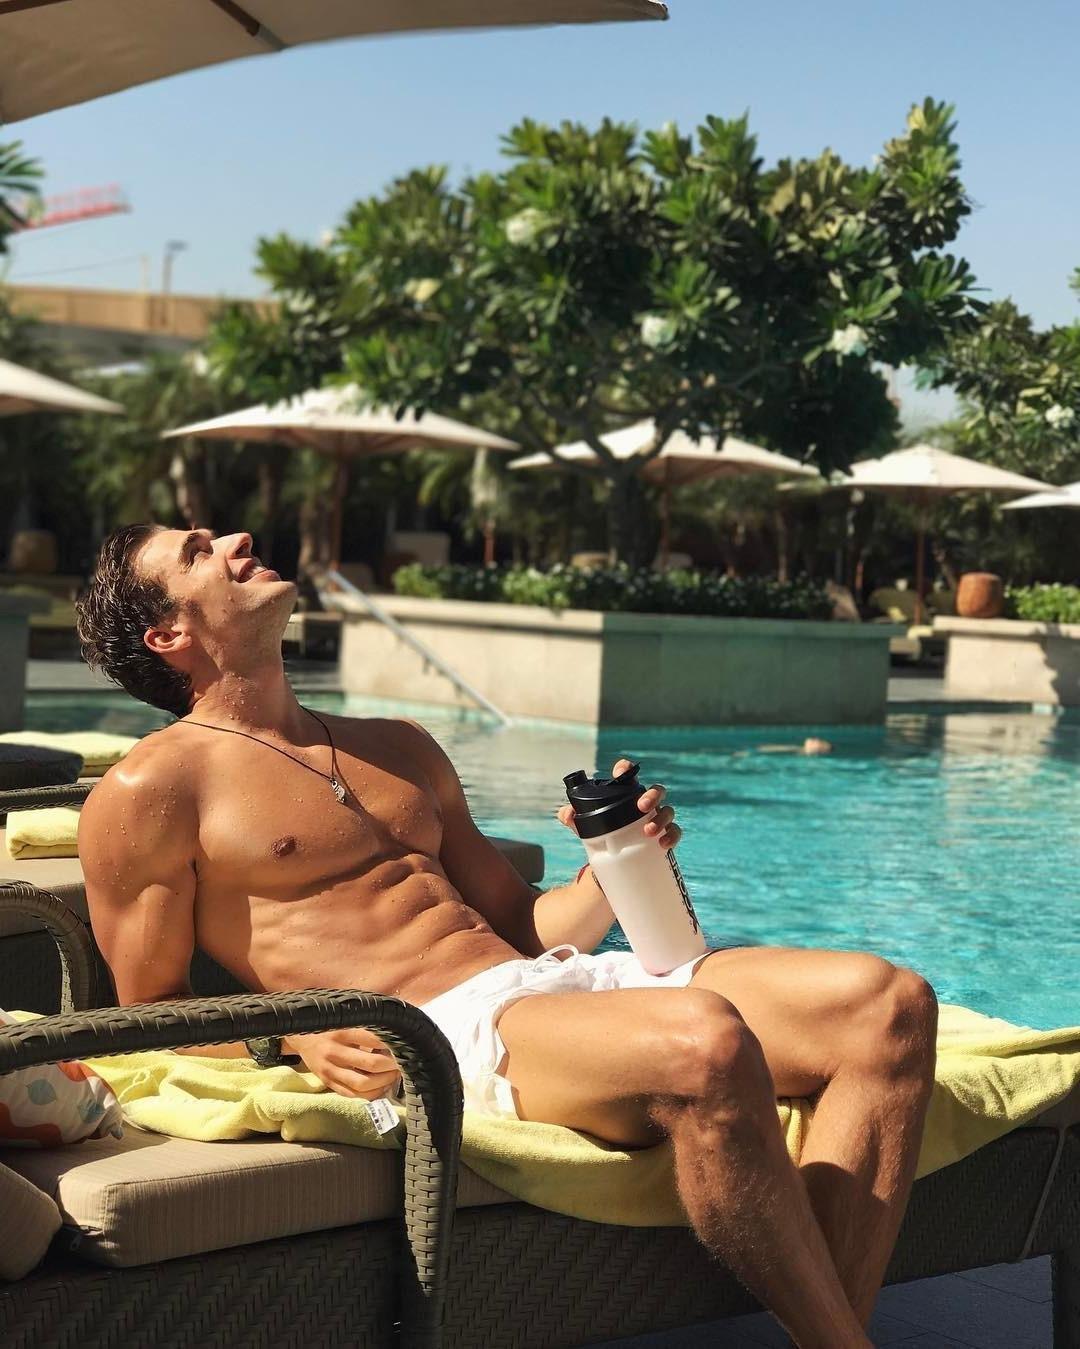 fit-men-wet-shirtless-body-smiling-big-pecs-pool